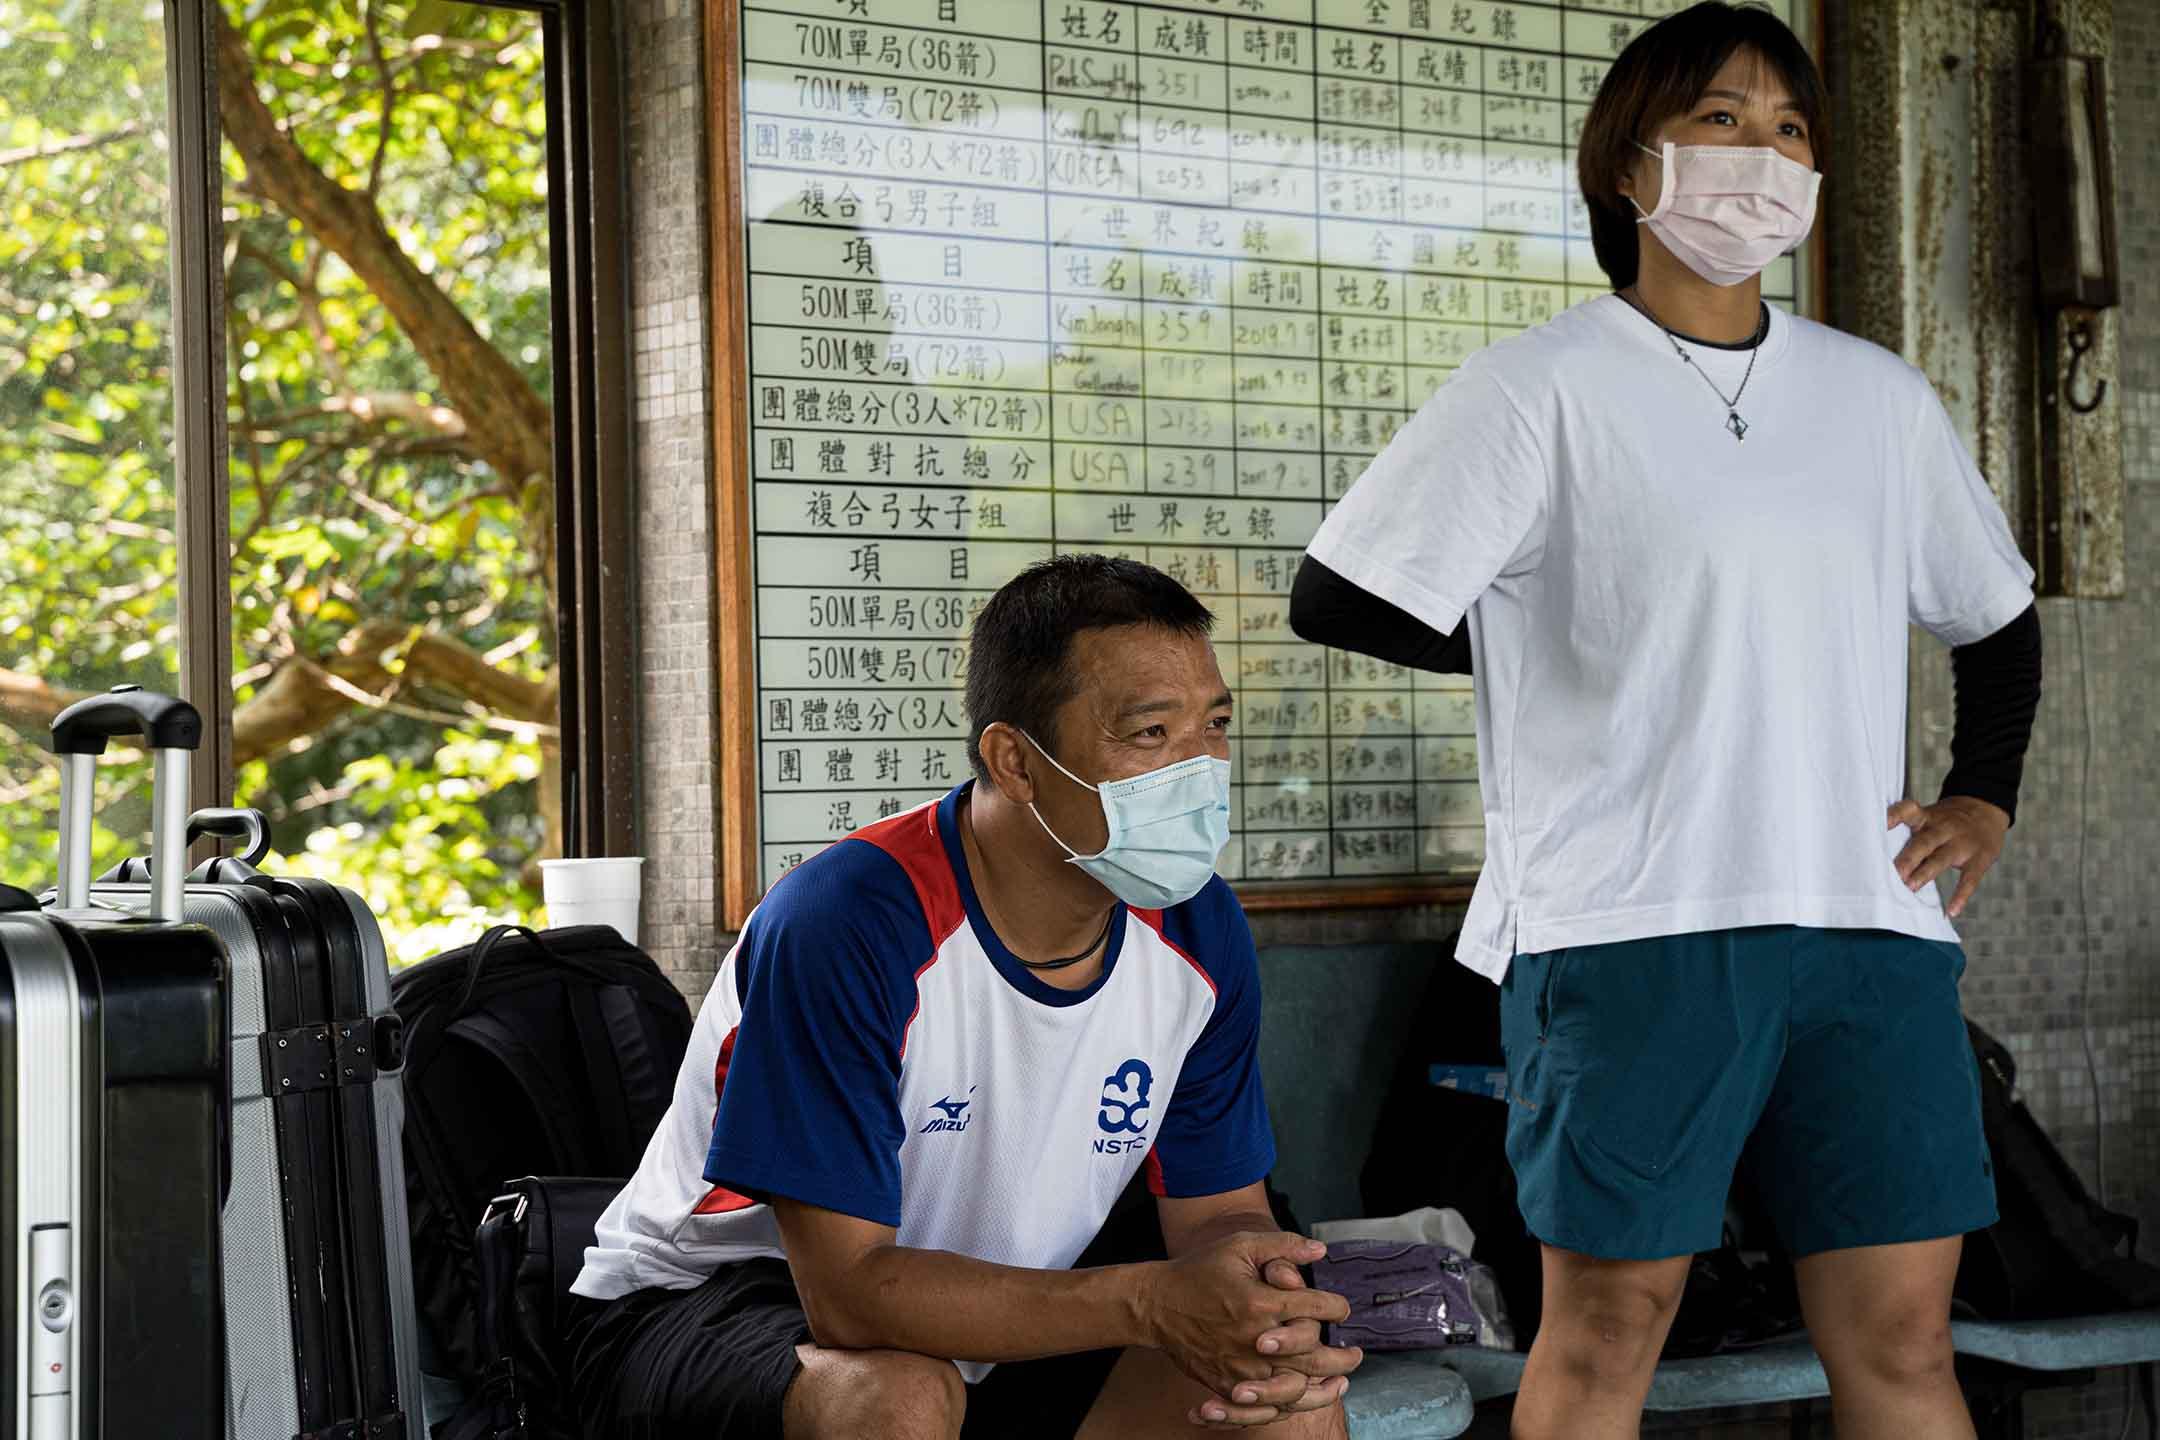 永豐高中射箭隊教練徐梓益。